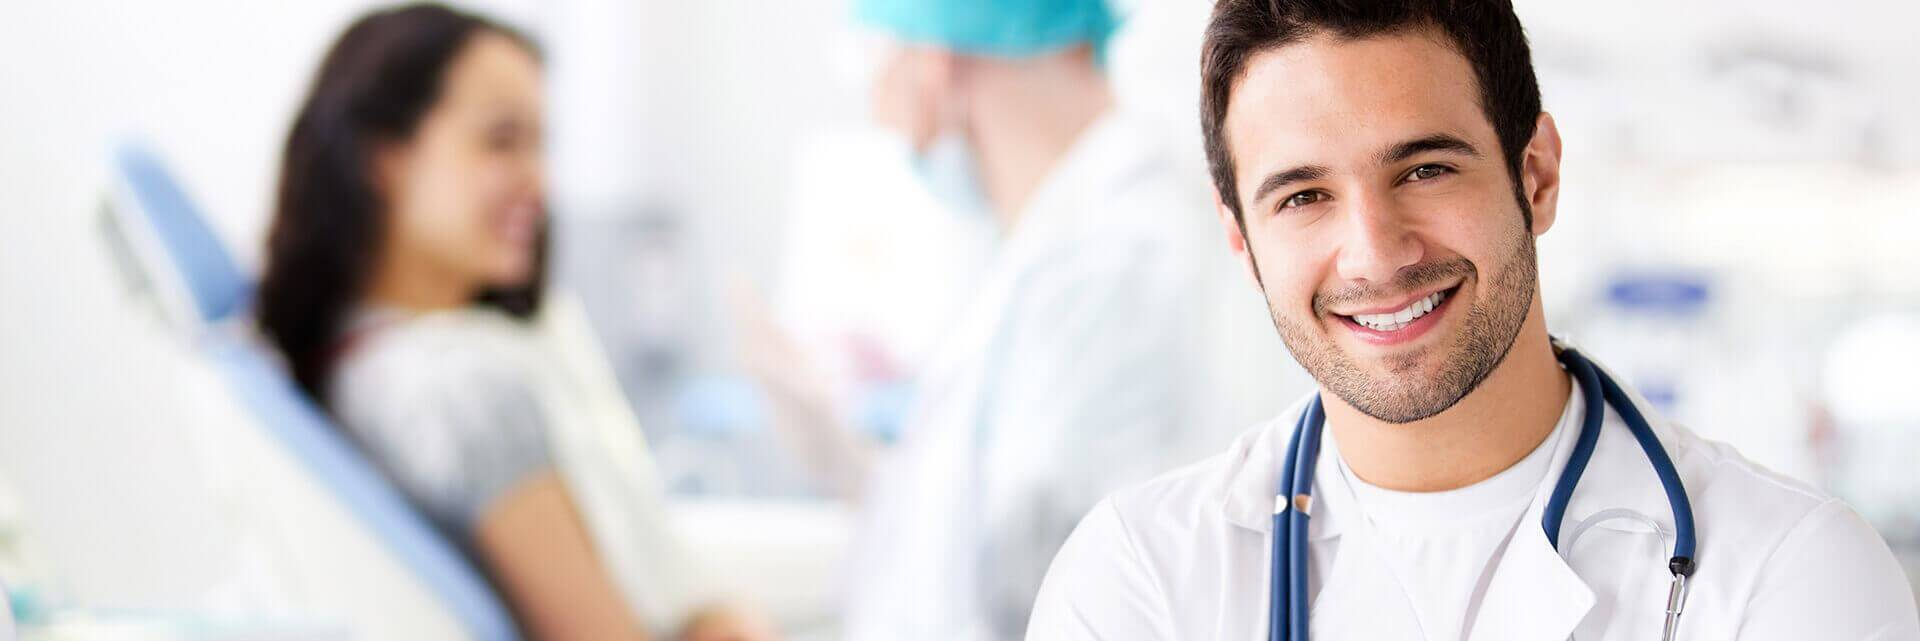 programare online Ecografie cardiacă reumatologică articulară